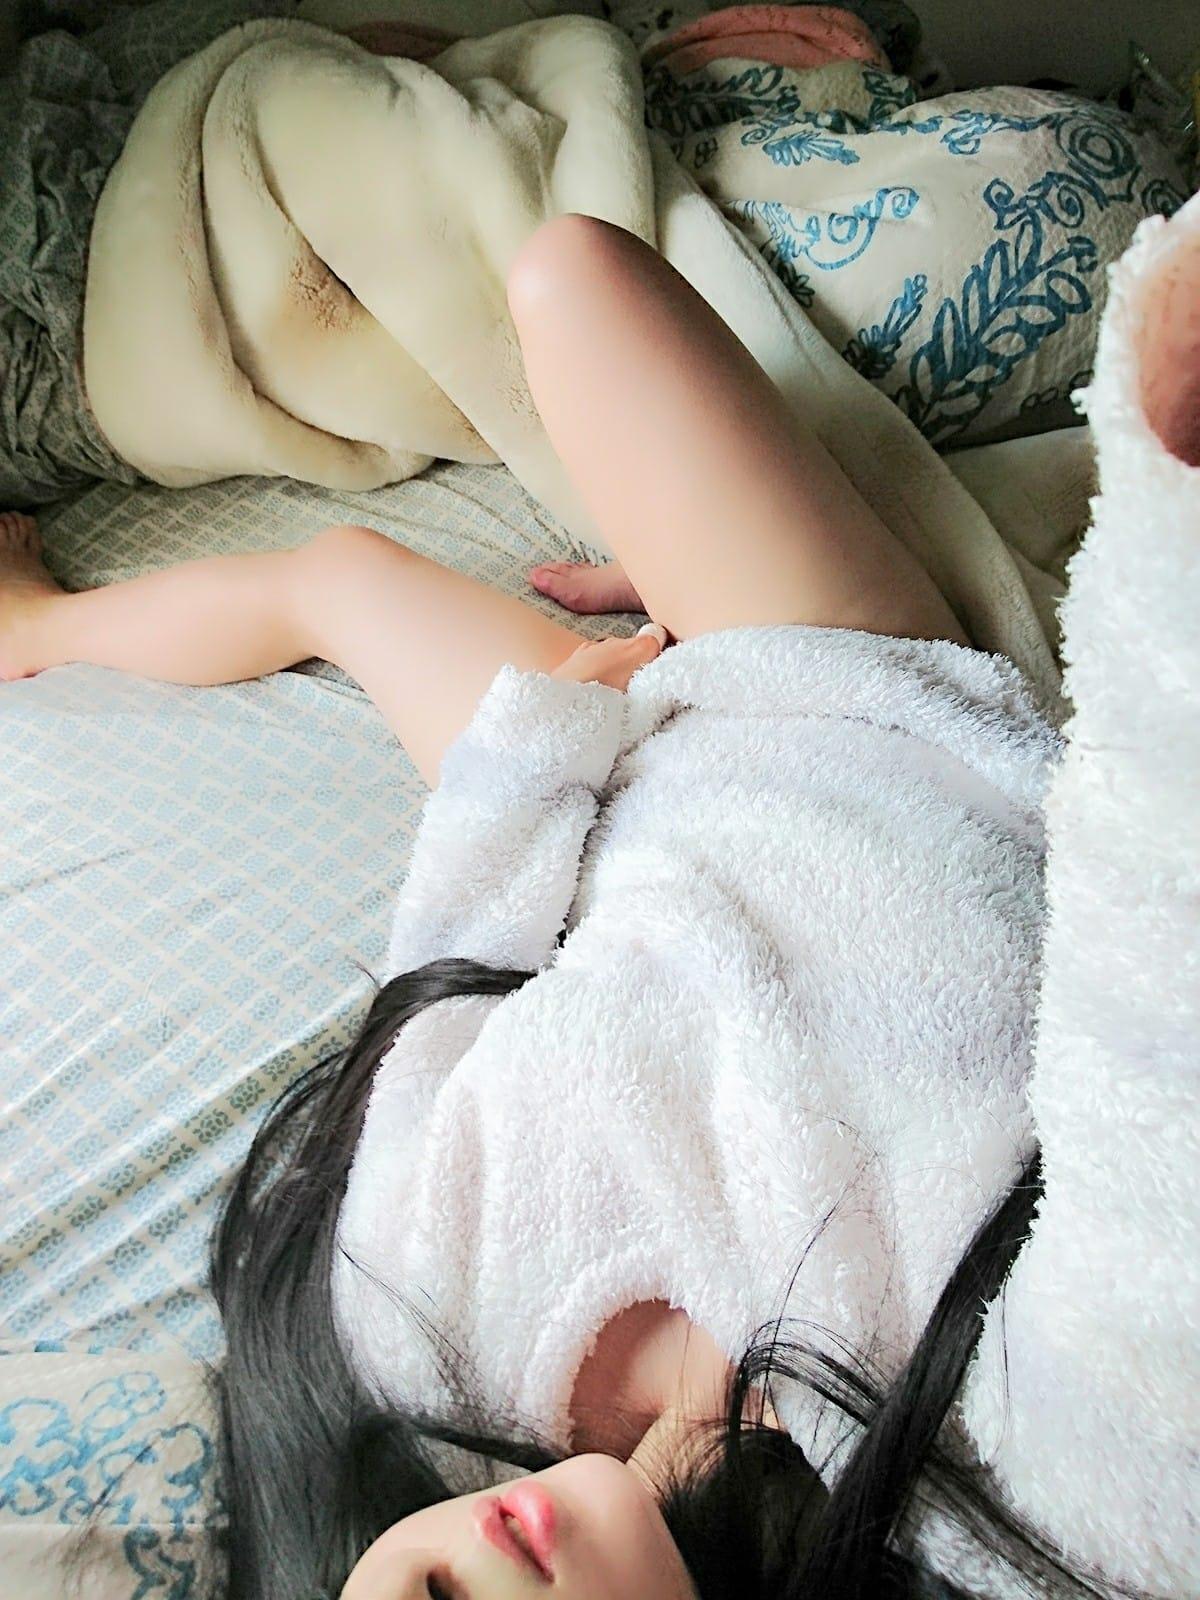 「☆出勤中☆」11/16(11/16) 22:50 | 桃井 さゆりの写メ・風俗動画